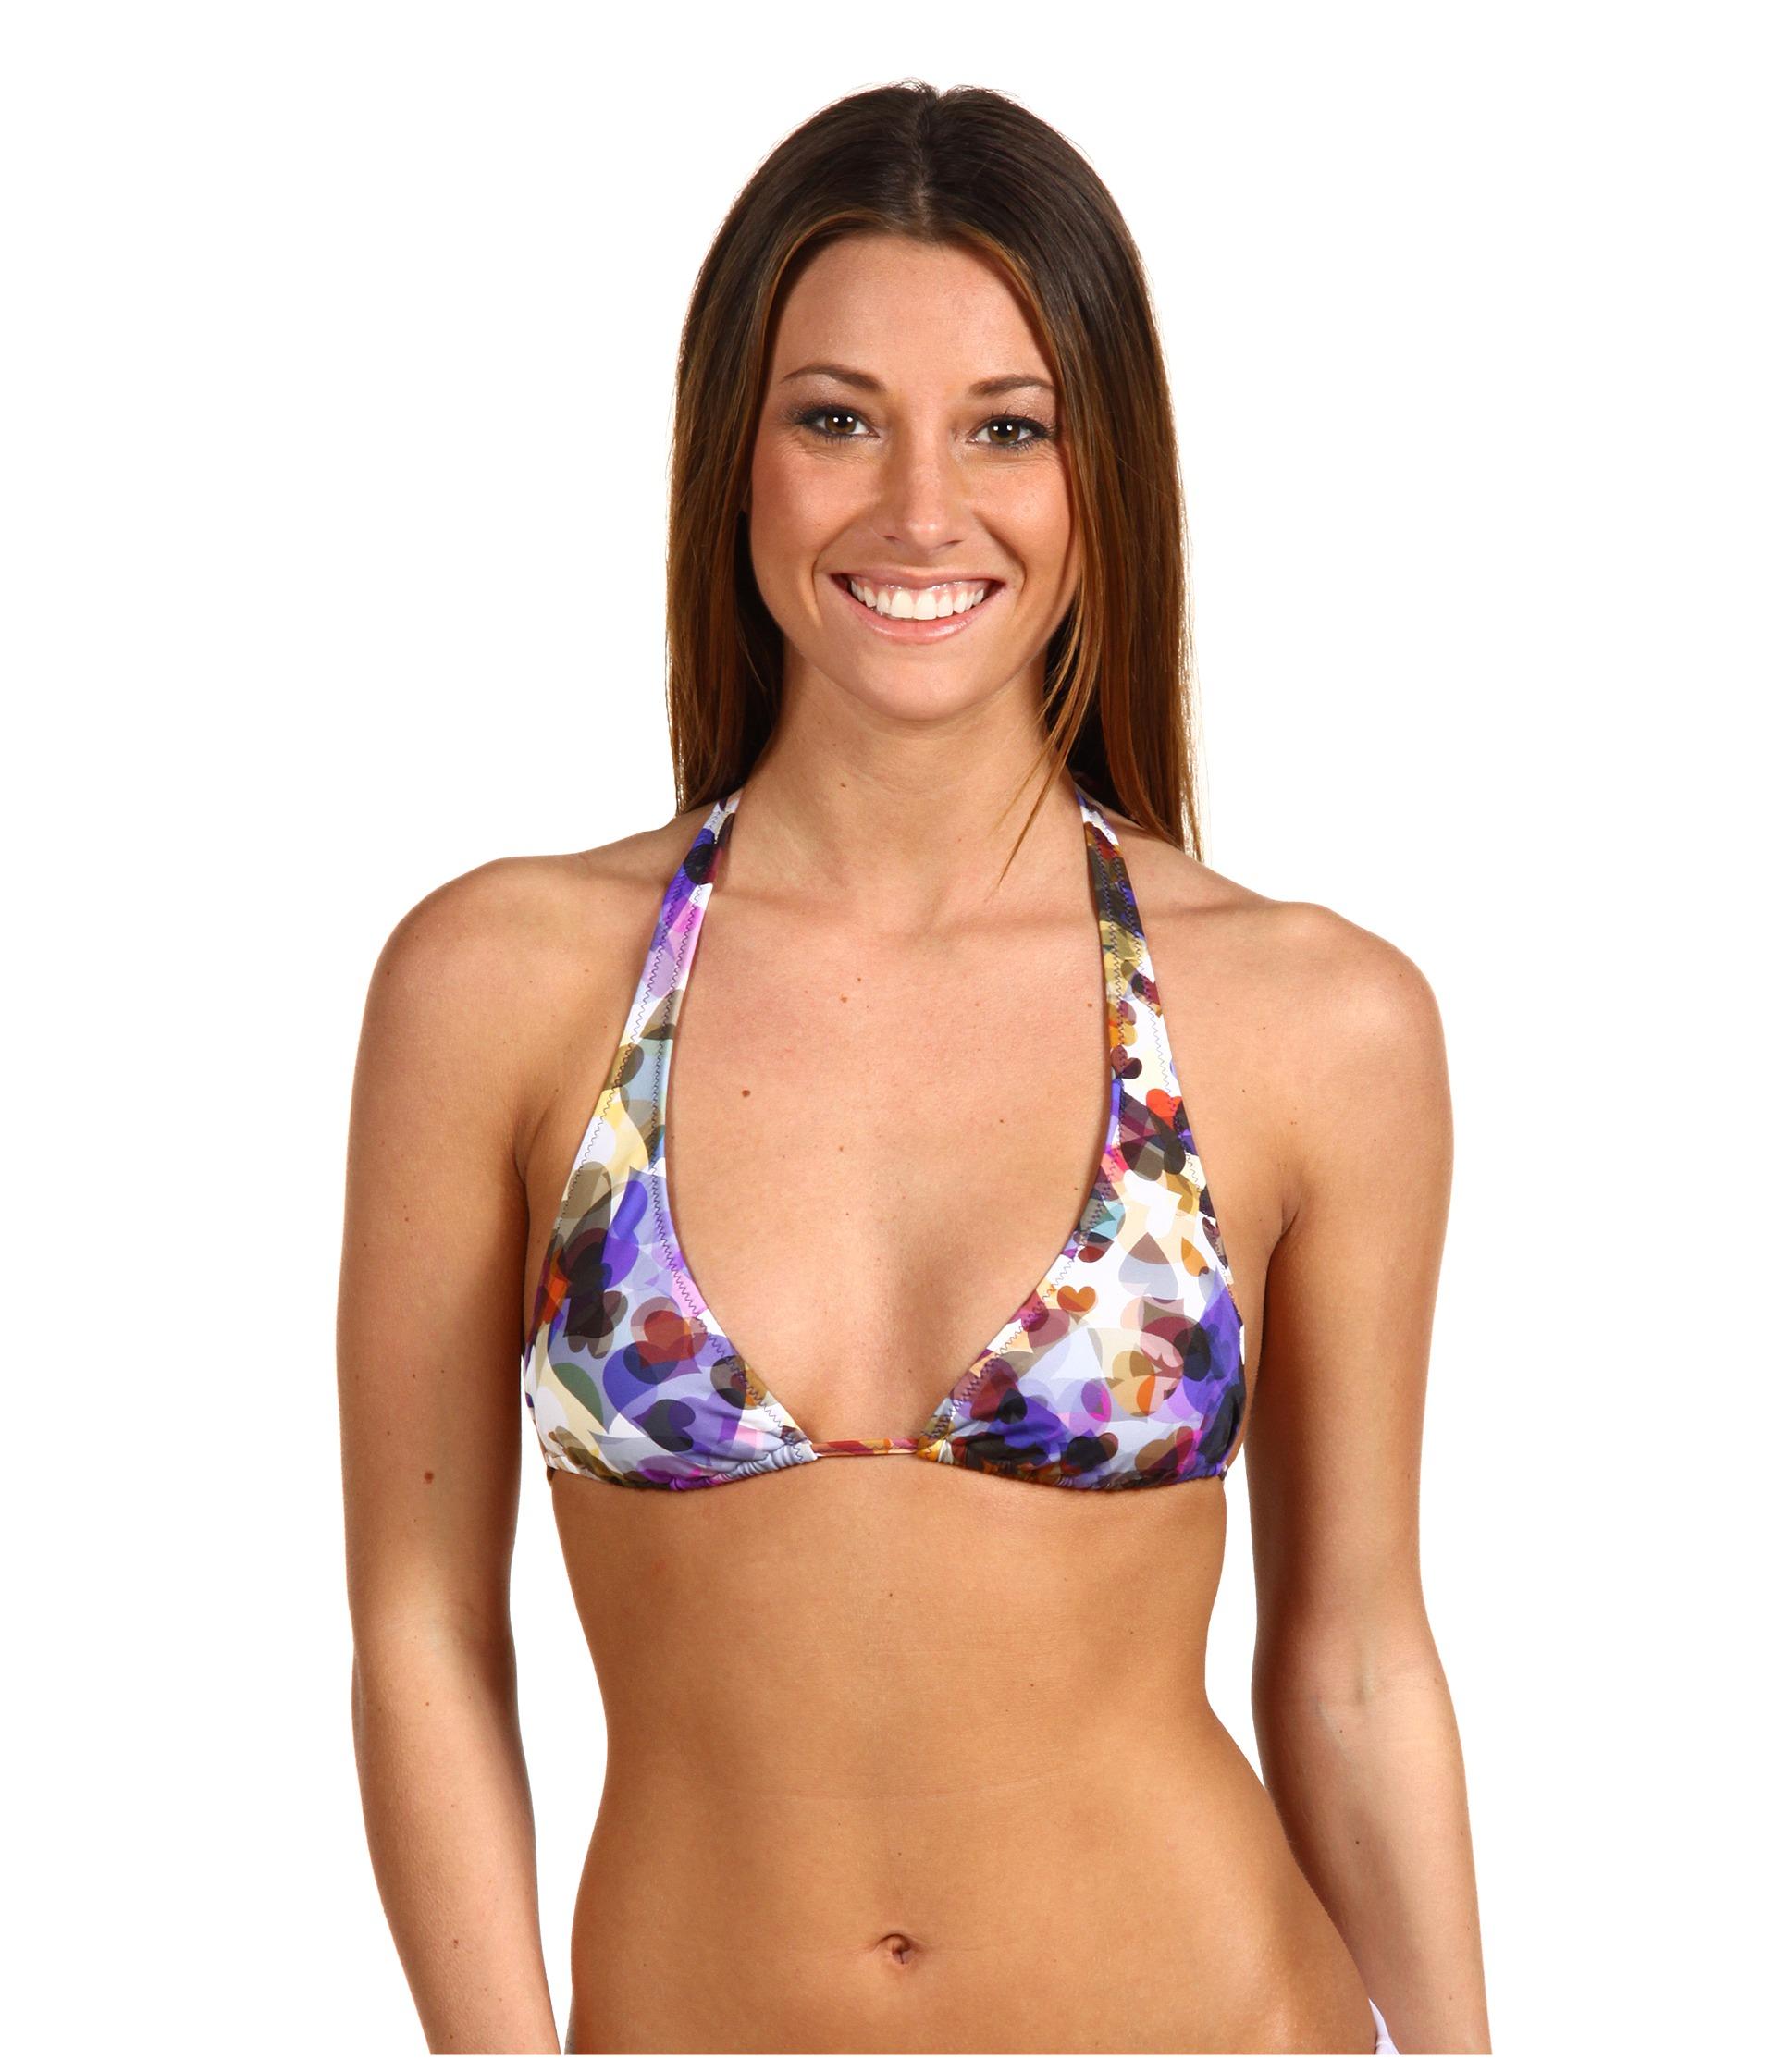 renee felice smith hot bikini